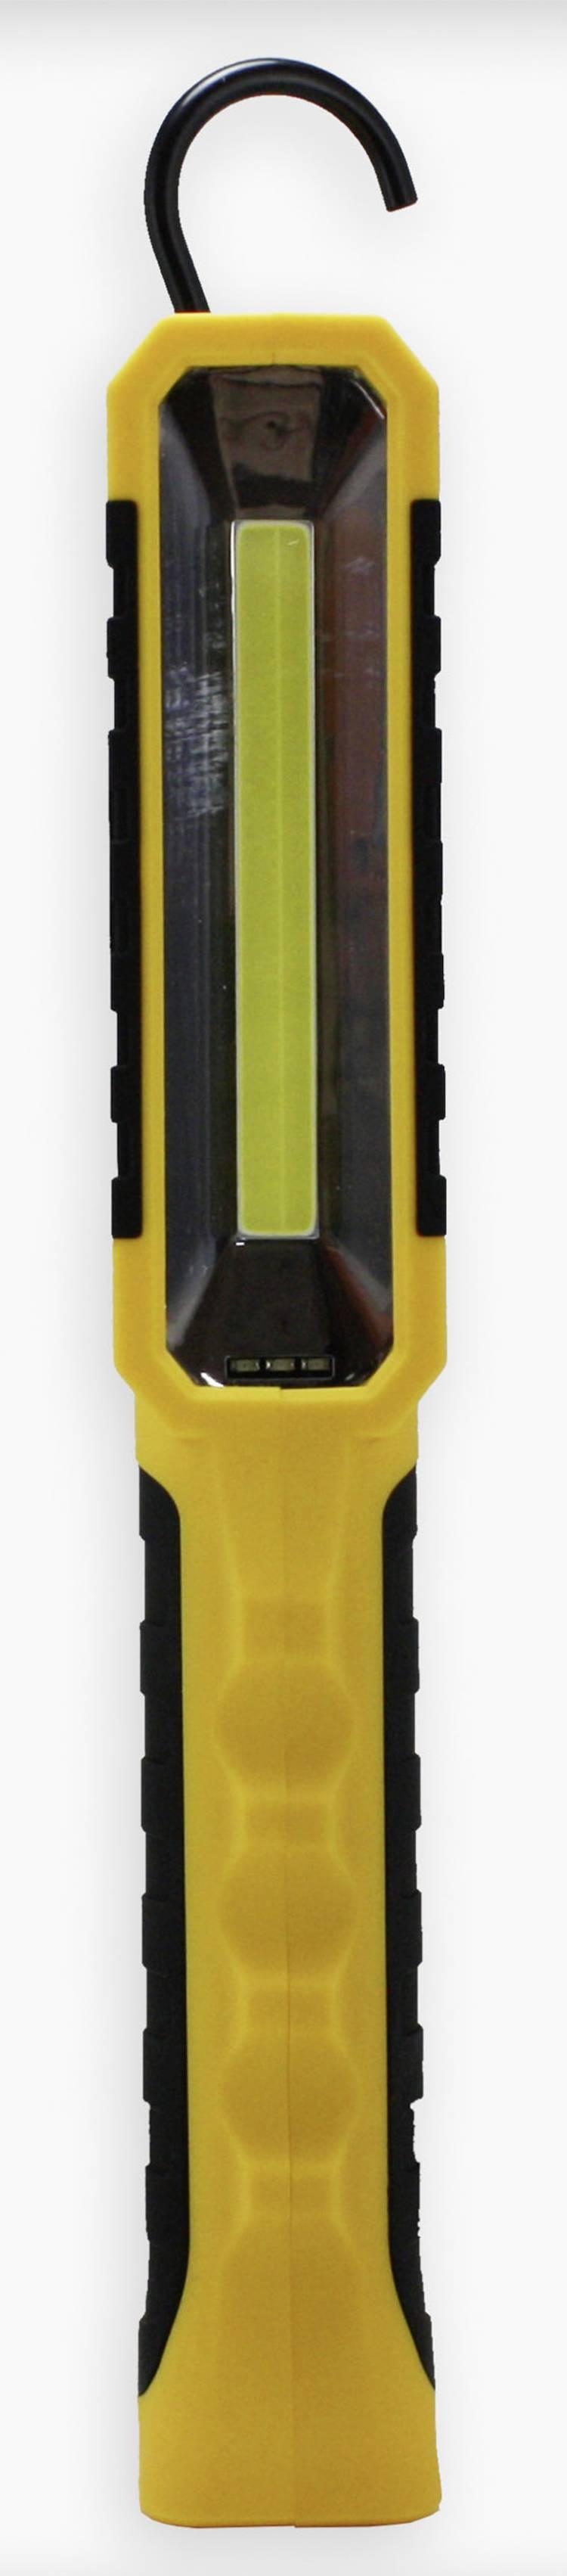 Image of CAT CT3125EU CT3125EU Werklamp werkt op een accu